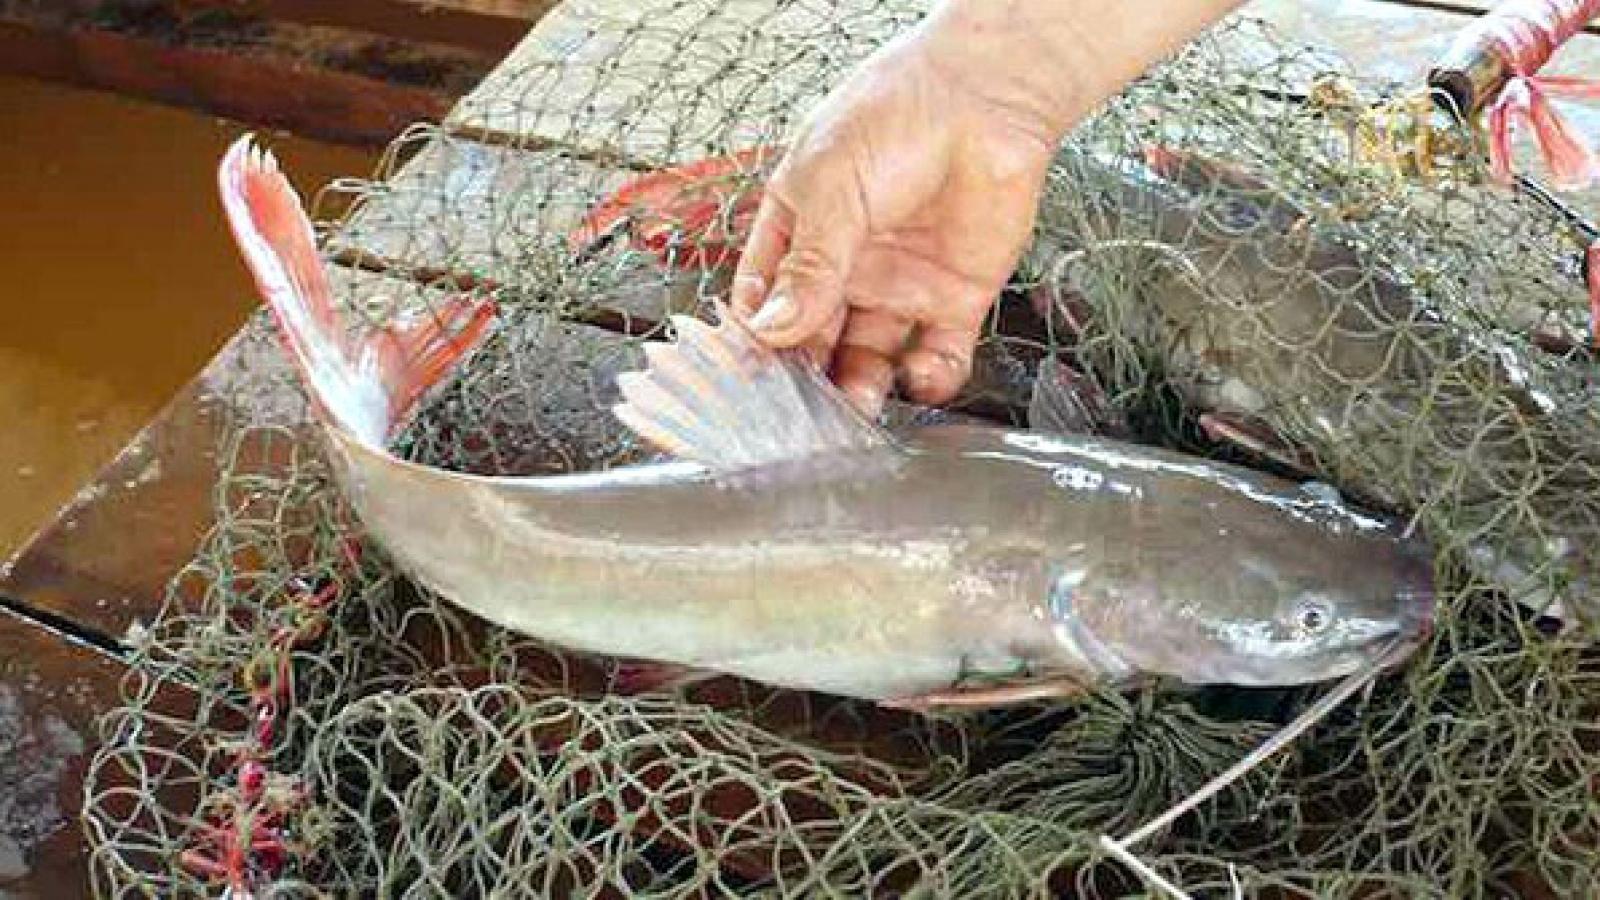 Ươm giống cá lăng đuôi đỏ, dân miền Tây thu tiền tỷ mỗi năm